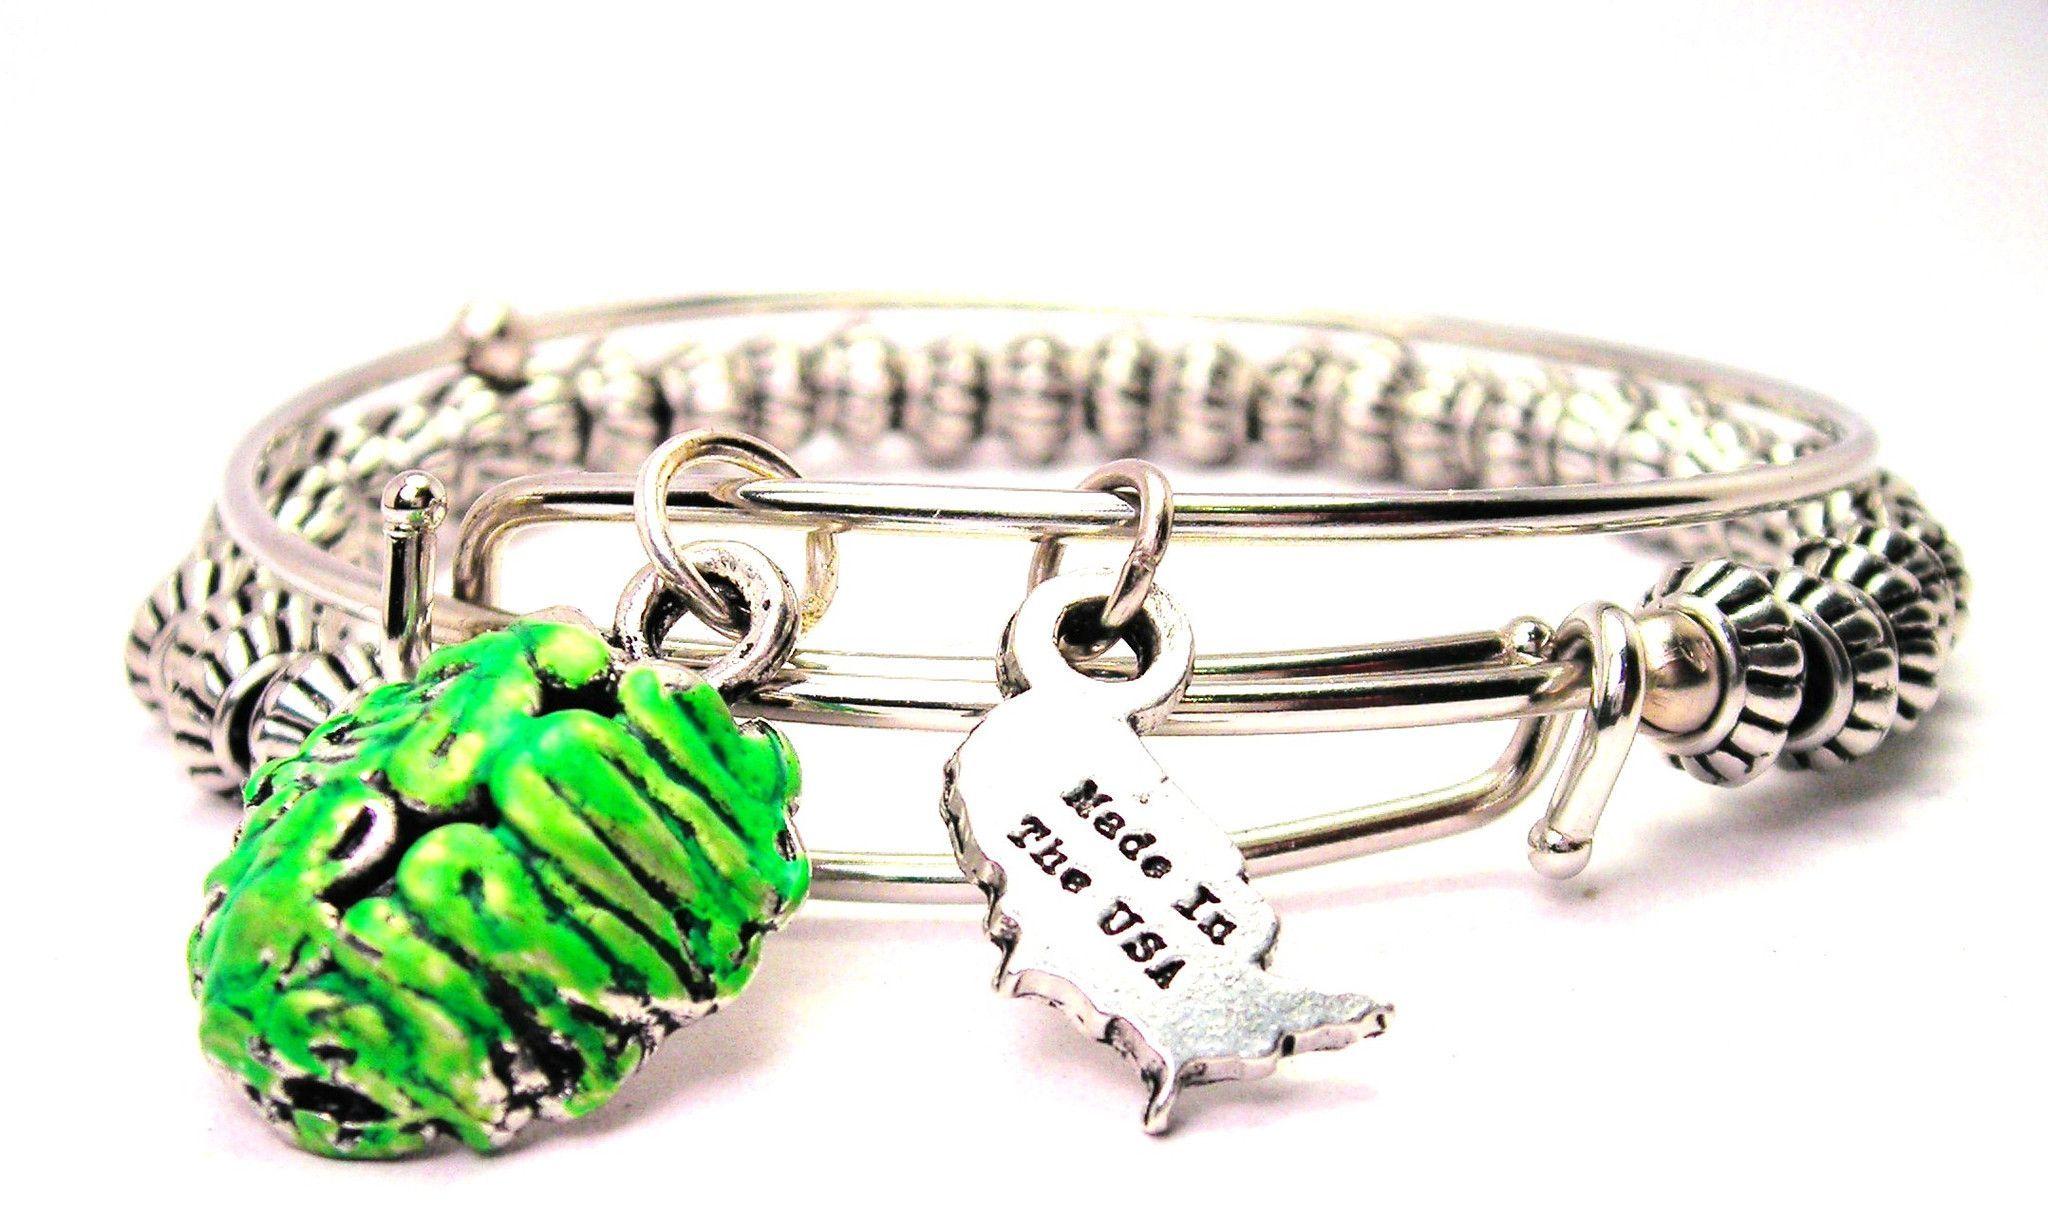 Green brain zombie lover pewter beaded bangle bracelet set of